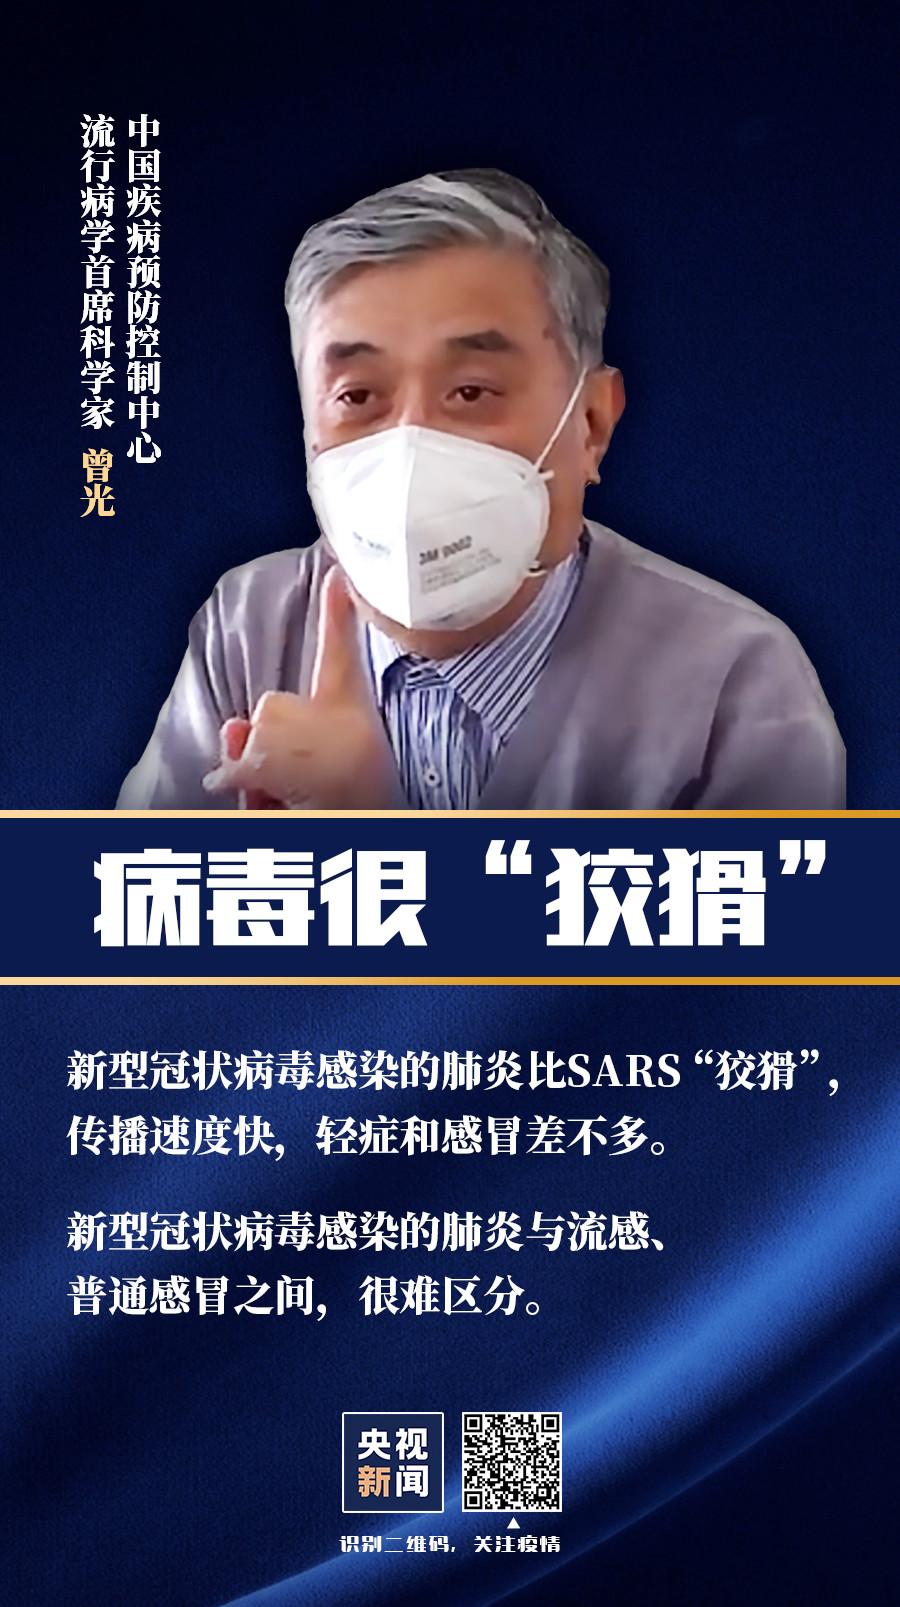 新型 肺炎 感染 人数